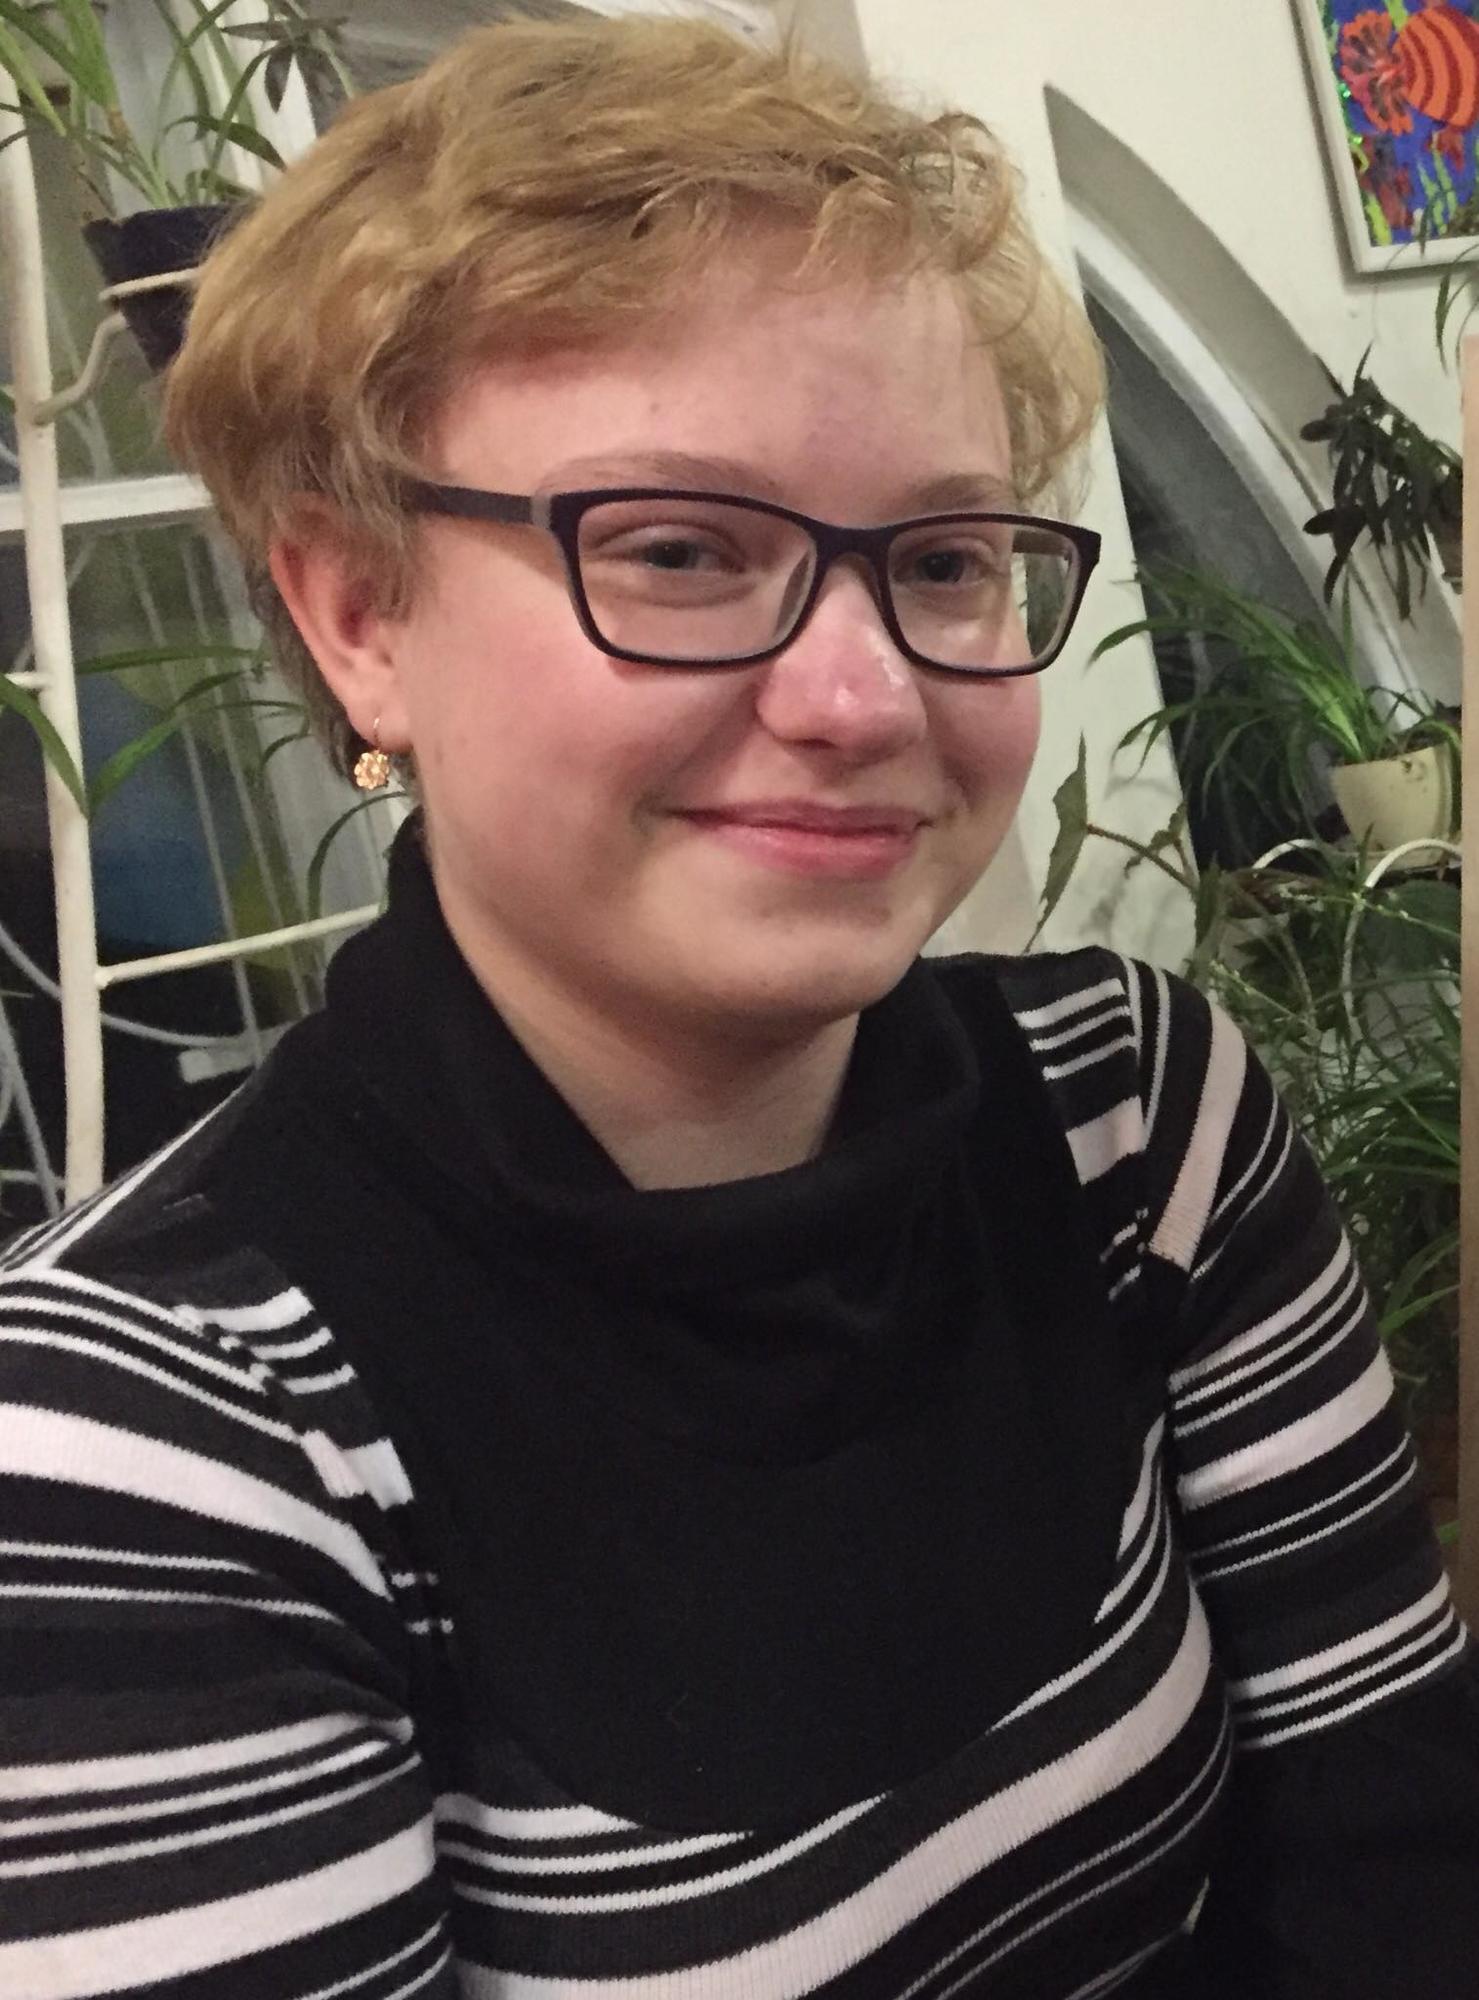 Таїсія Первак дівчинка-витинкарка з Часів Яра